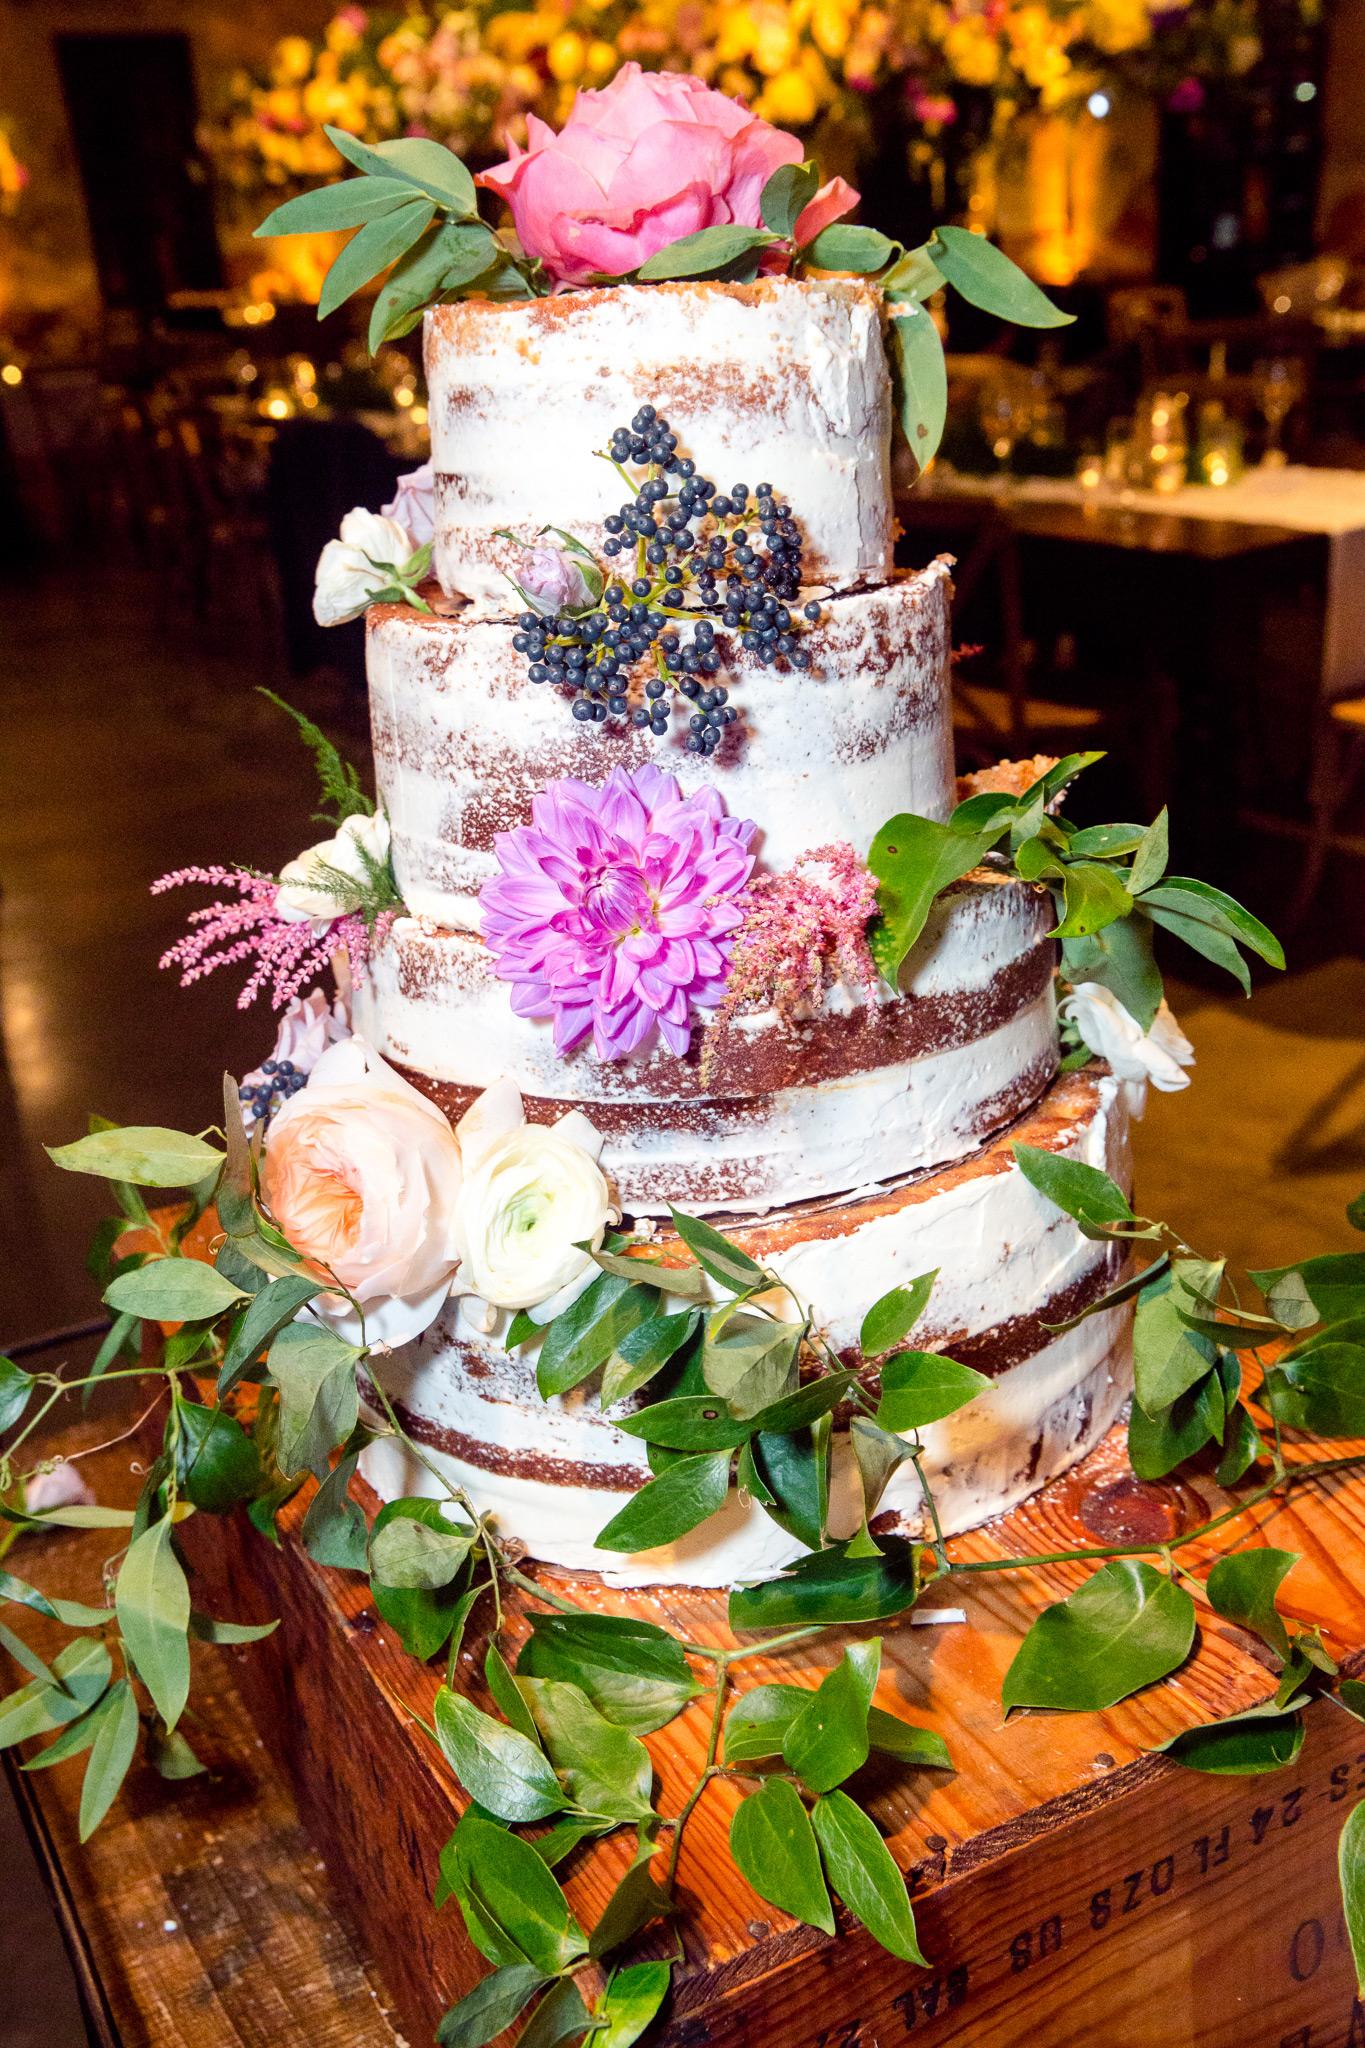 rachael-and-gideon-get-married-101115_0567_dkzak.jpg